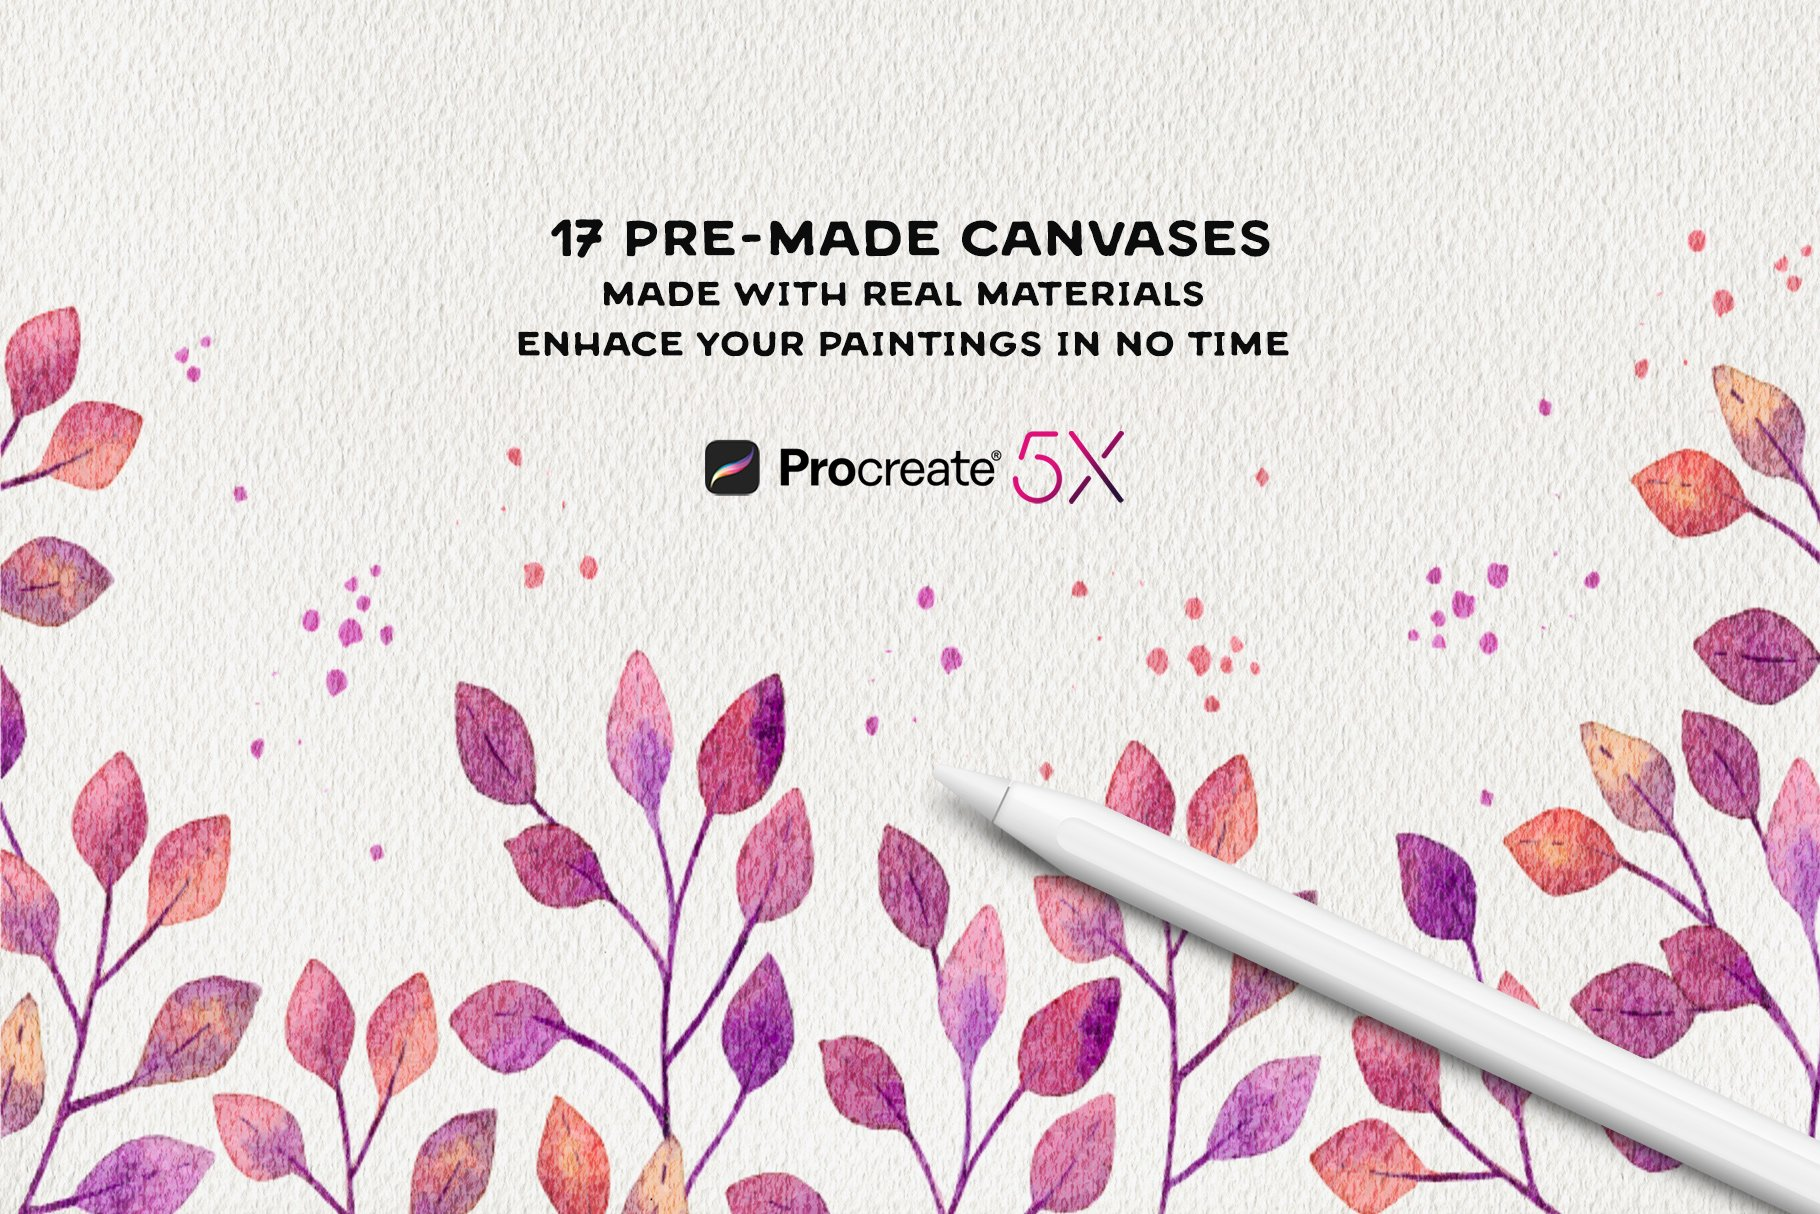 [单独购买] 17款逼真绘画画布背景Procreate纸纹理设计素材 Procreate Paper Texture Canvases插图2